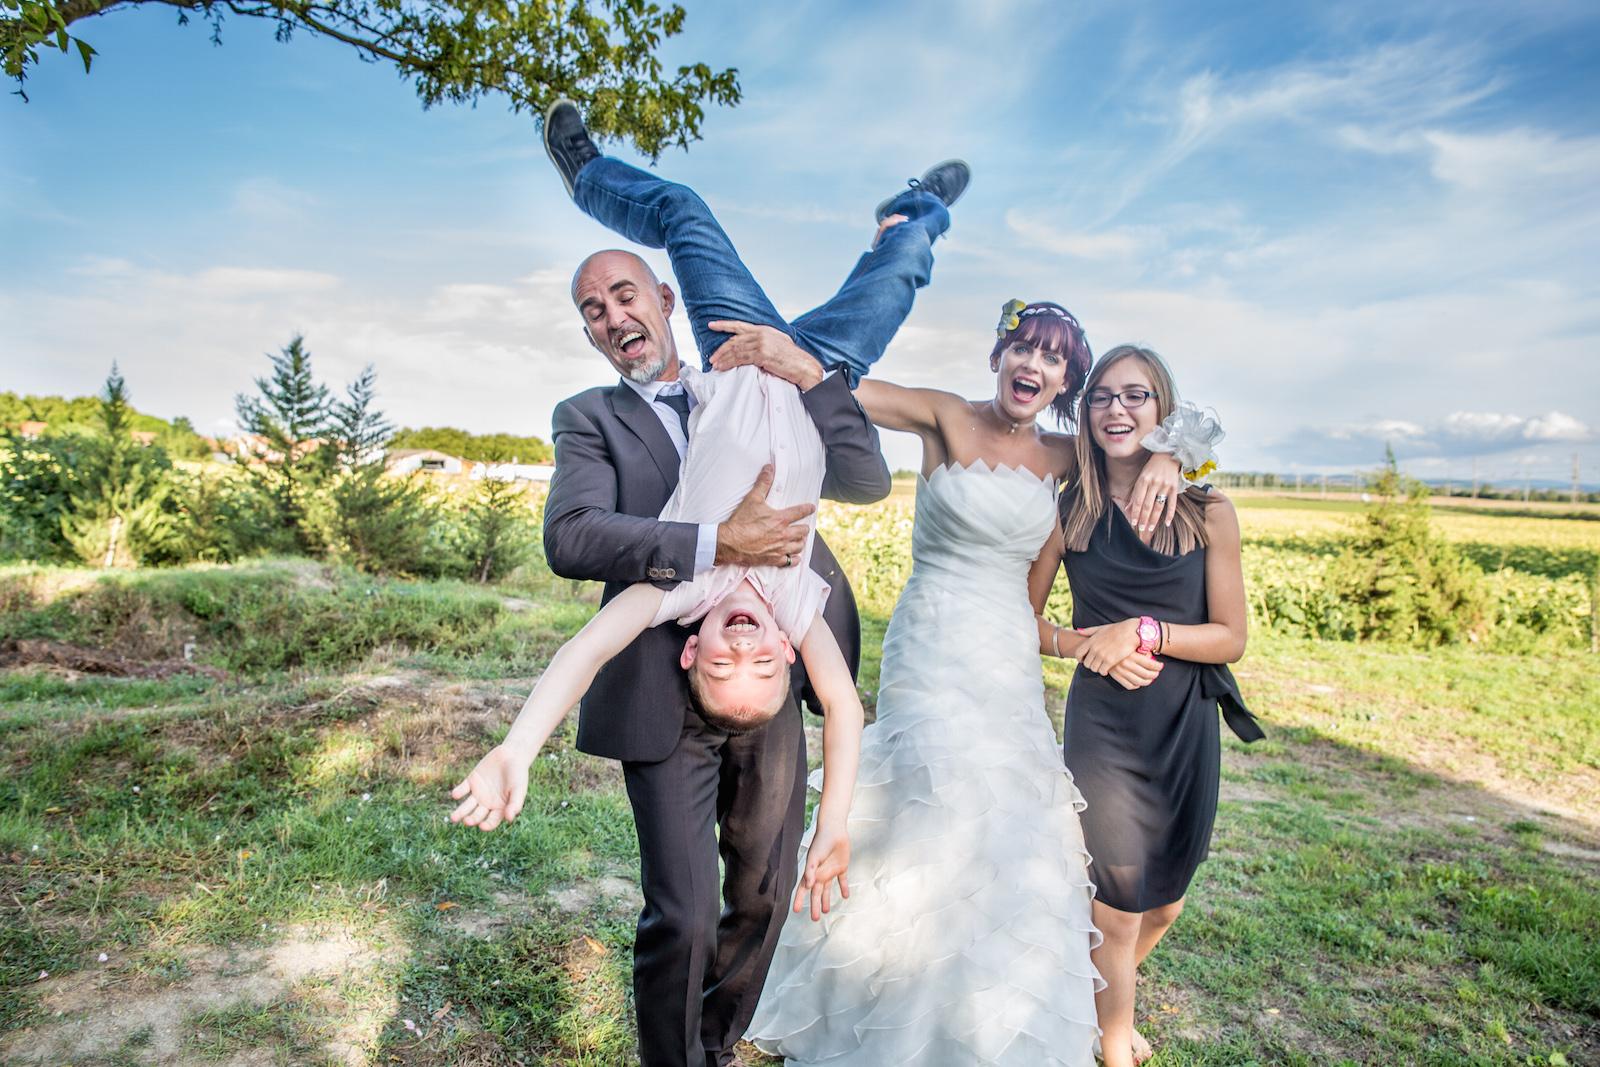 photographe-mariage-carcassonne-9